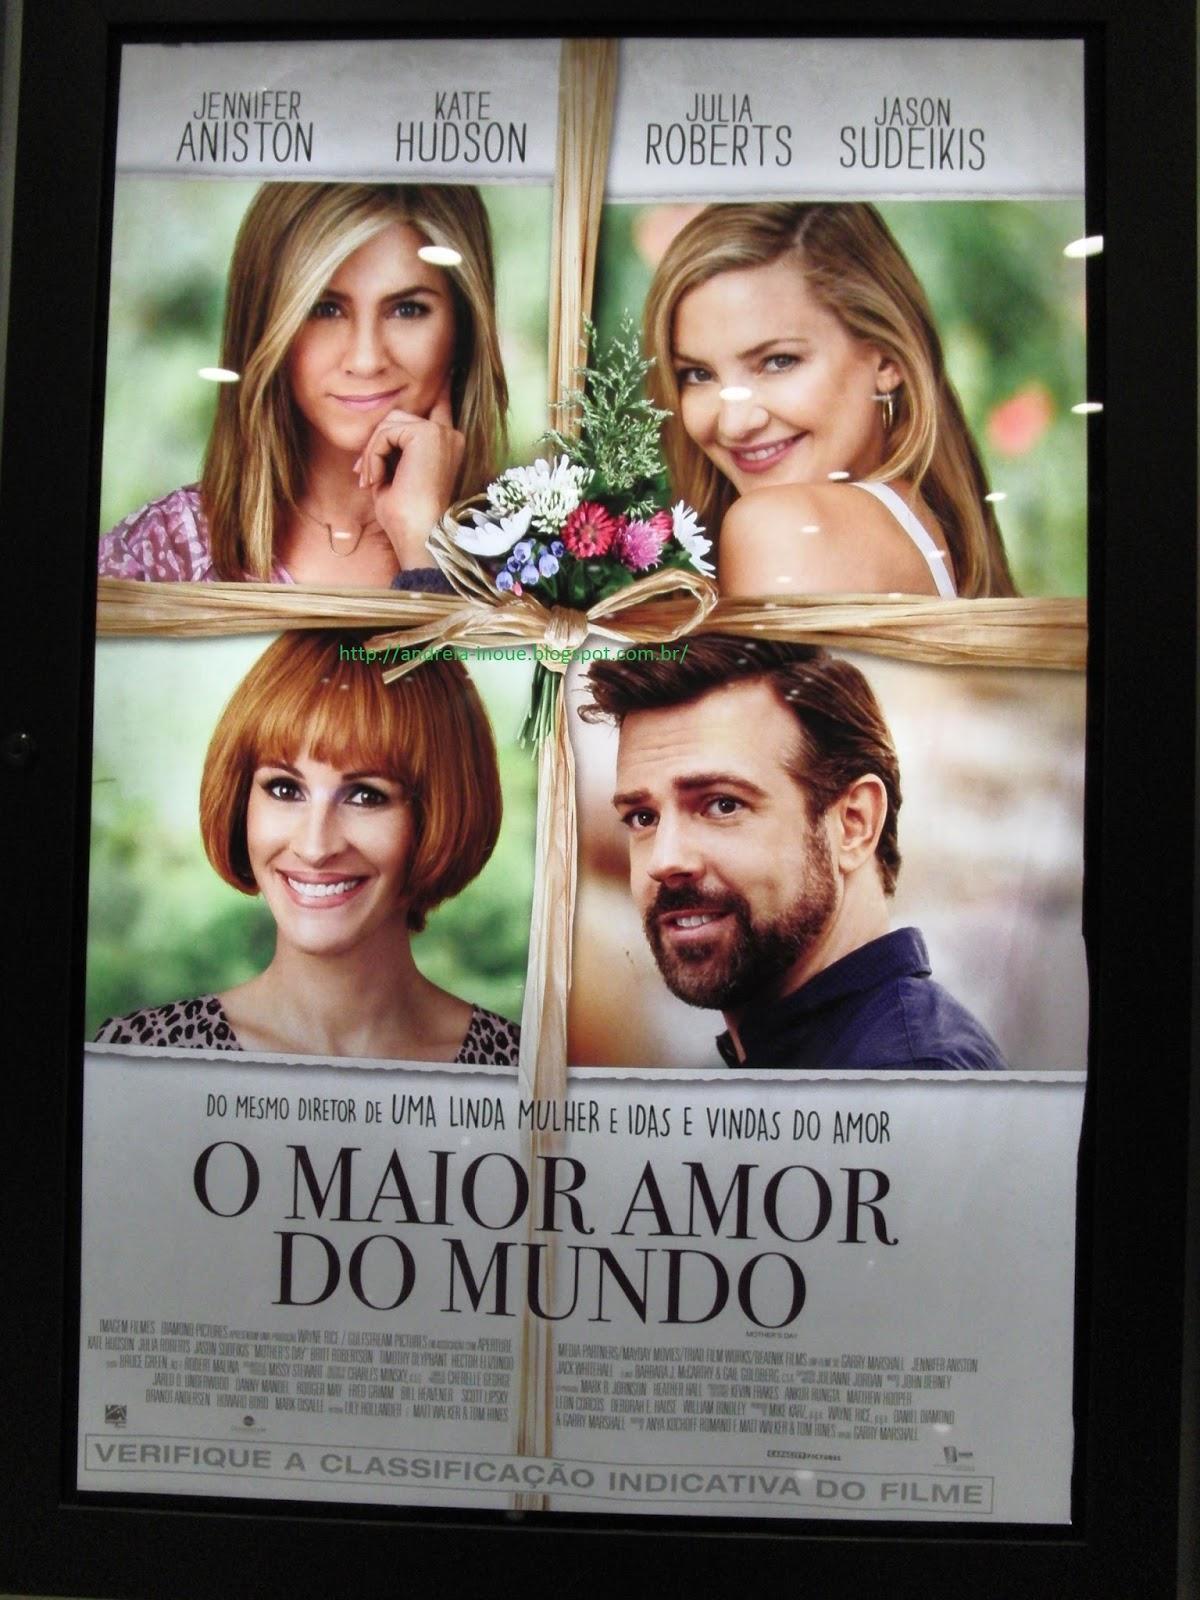 Filme O Maior Amor Do Mundo throughout papiando: arte e cultura